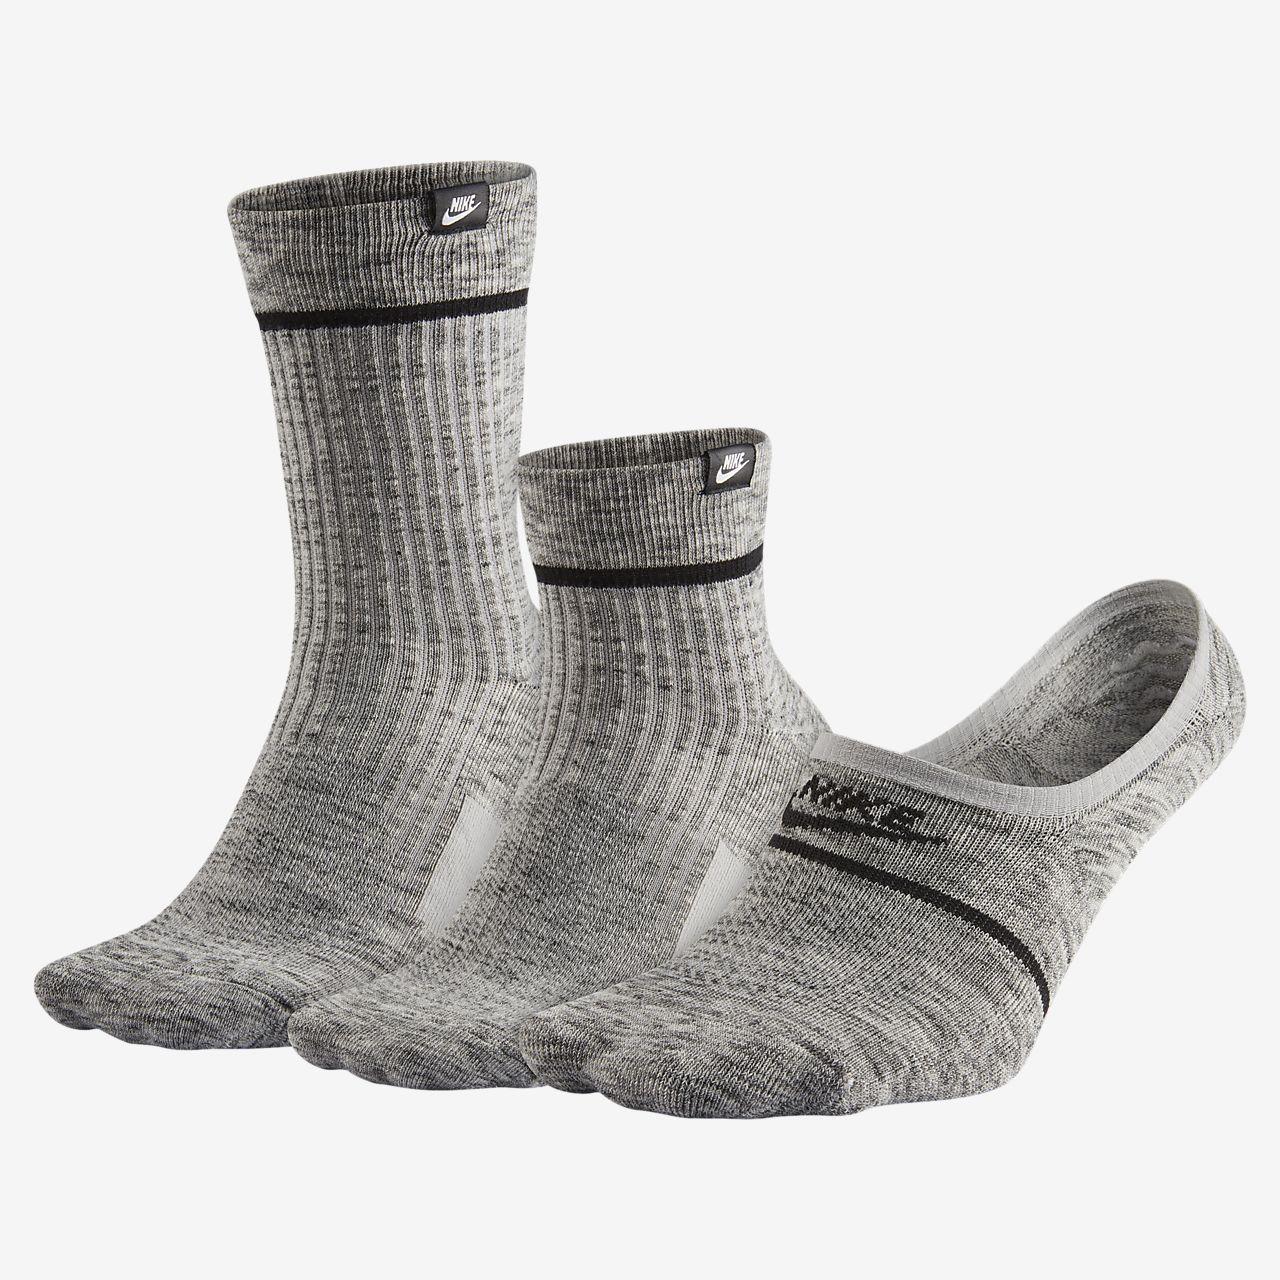 Confezione regalo Nike Sneaker Socks (3 paia)